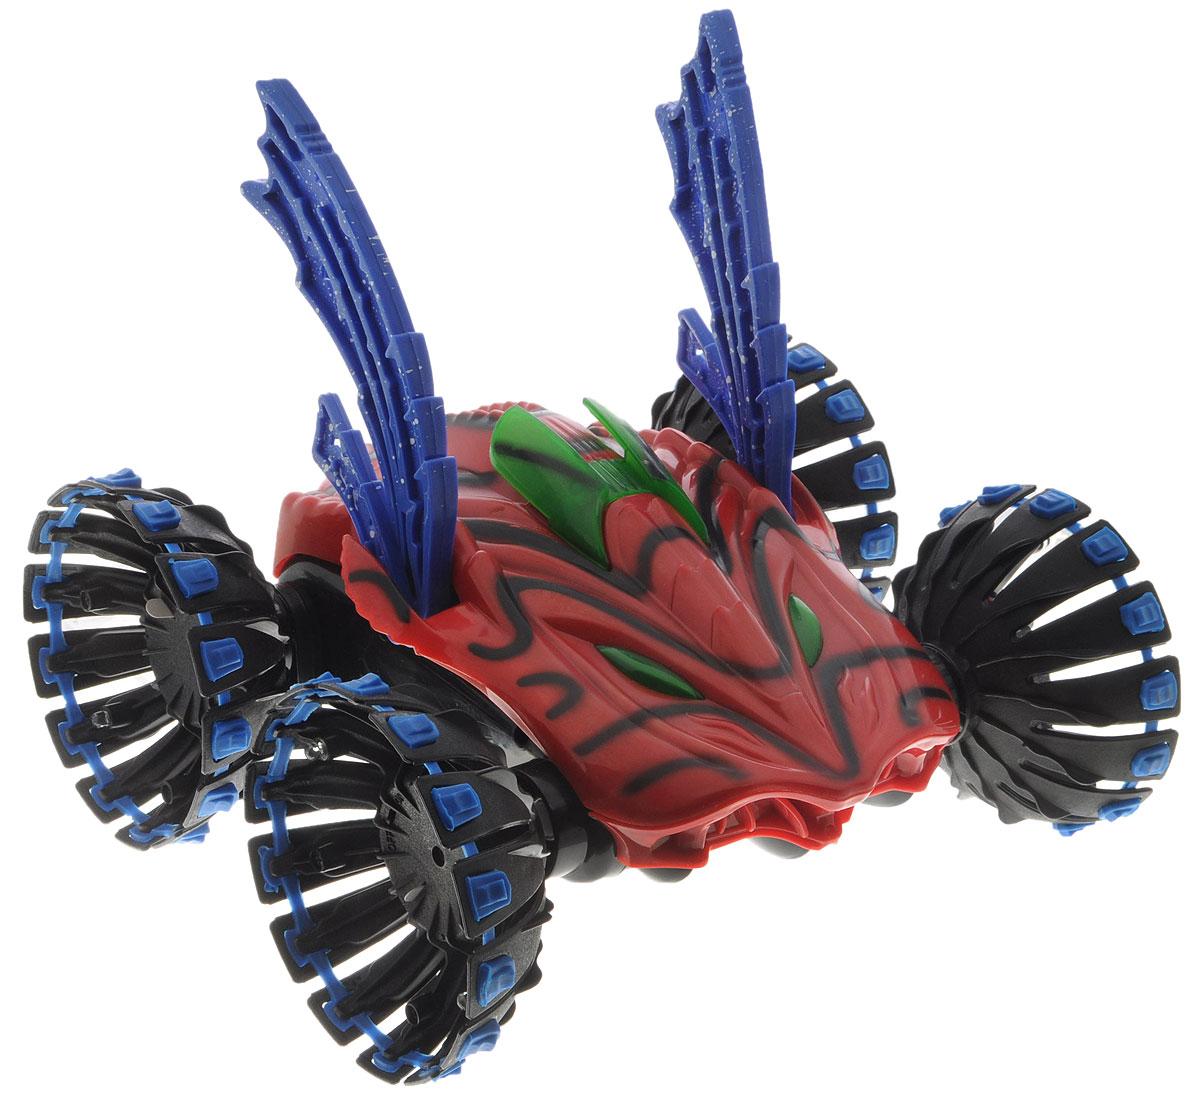 """Машина на радиоуправлении Balbi """"Автоакробат"""" станет отличным подарком любому мальчику! Яркая окраска прочного корпуса с черными полосами, мощные колеса не оставят равнодушным юного гонщика. Машинка оснащена приводом на все колеса и способна не только ездить, но и переворачиваться и даже """"ходить""""! Игрушка имеет 3 комплекта колес для разных режимов игры, а с помощью трансформирующихся колес машина будет """"шагать"""" по поверхности. Автомобиль способен двигаться вперед-назад, и осуществлять поворот на 360°. Имеются световые эффекты. Пульт управления модели имеет радиус действия до 30 метров! Работает на частоте 27 MHz. Радиоуправляемая машина понравится всем любителям технически сложных игрушек! Машинка работает от аккумулятора (входит в комплект), или от 8 батареек типа АА (не входят в комплект). Зарядка аккумулятора осуществляется с помощью зарядного устройства (входит в комплект). Пульт работает от батарейки типа """"Крона"""" (входит в комплект)...."""